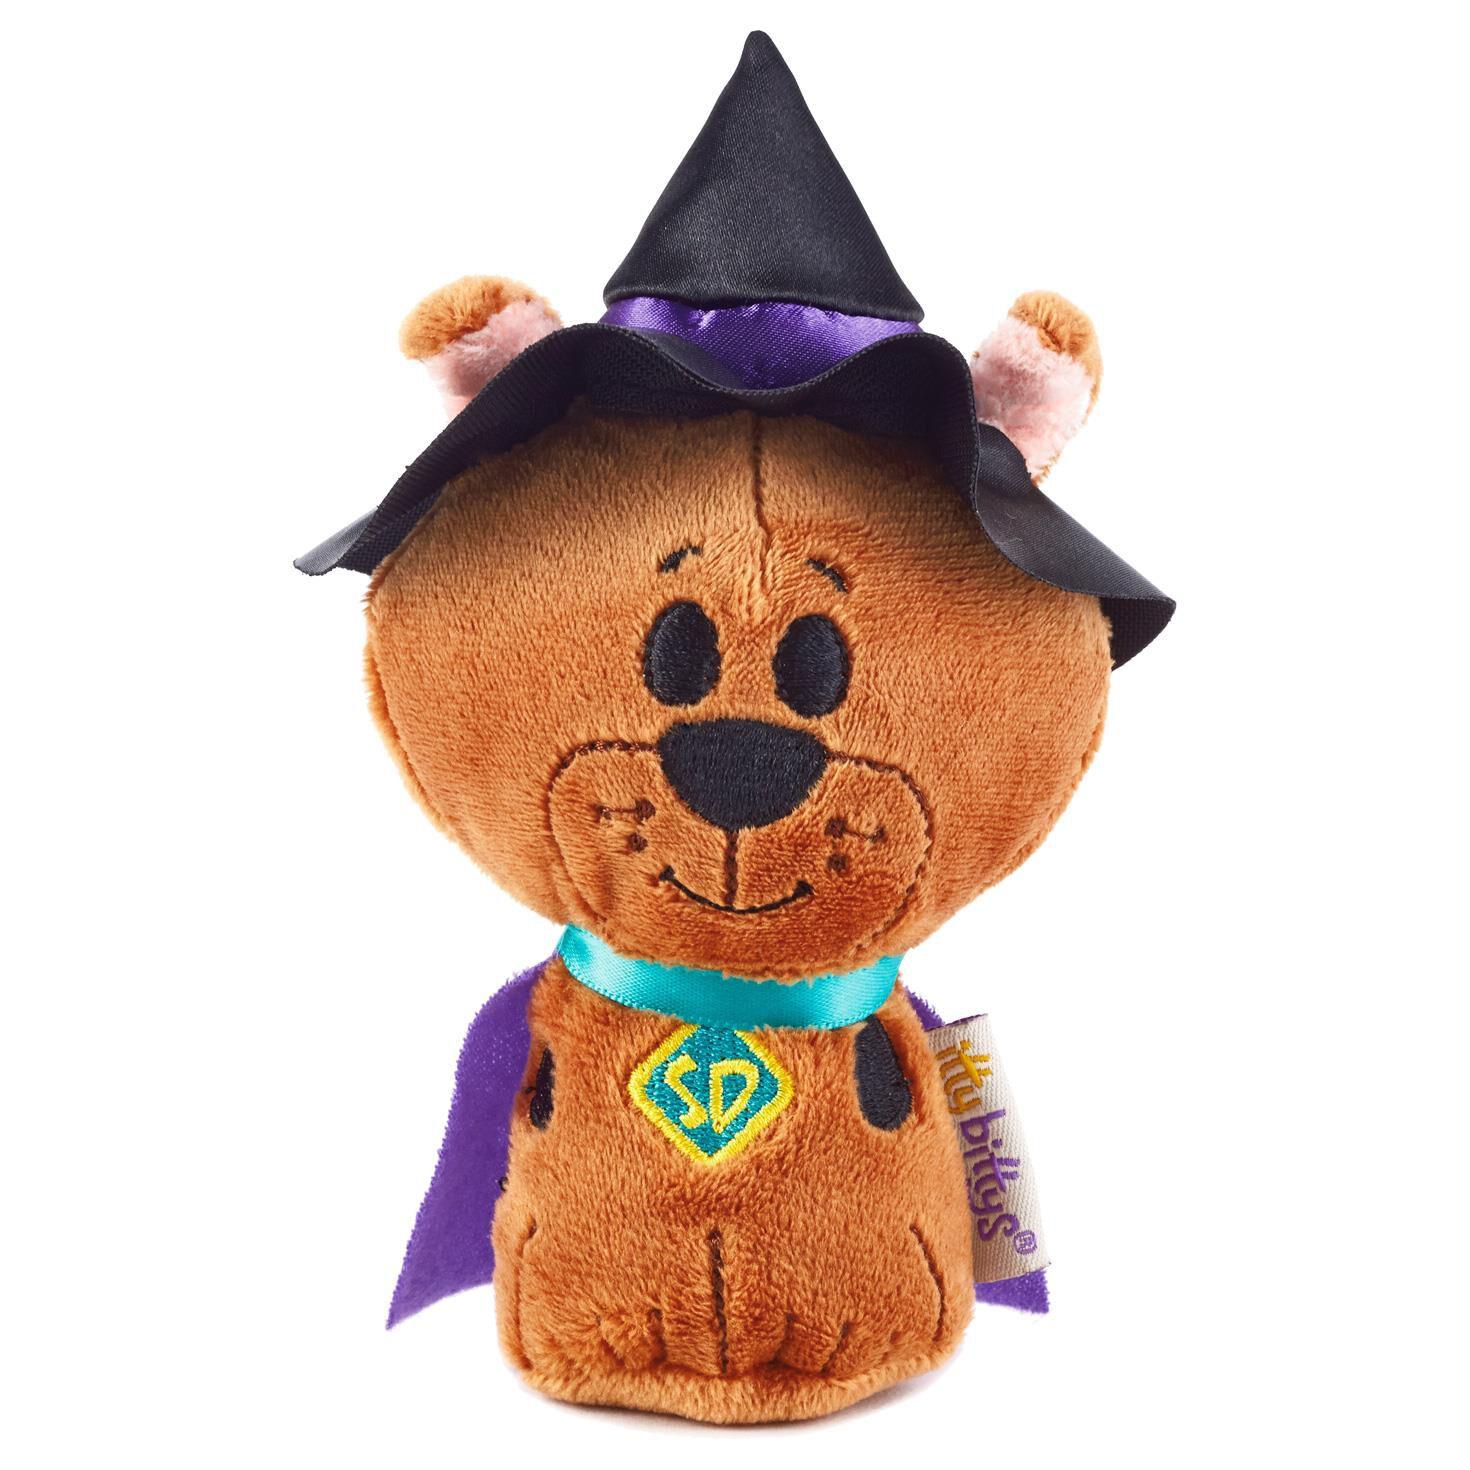 - Itty Bittys® Scooby-Doo Stuffed Animal - Itty Bittys® - Hallmark